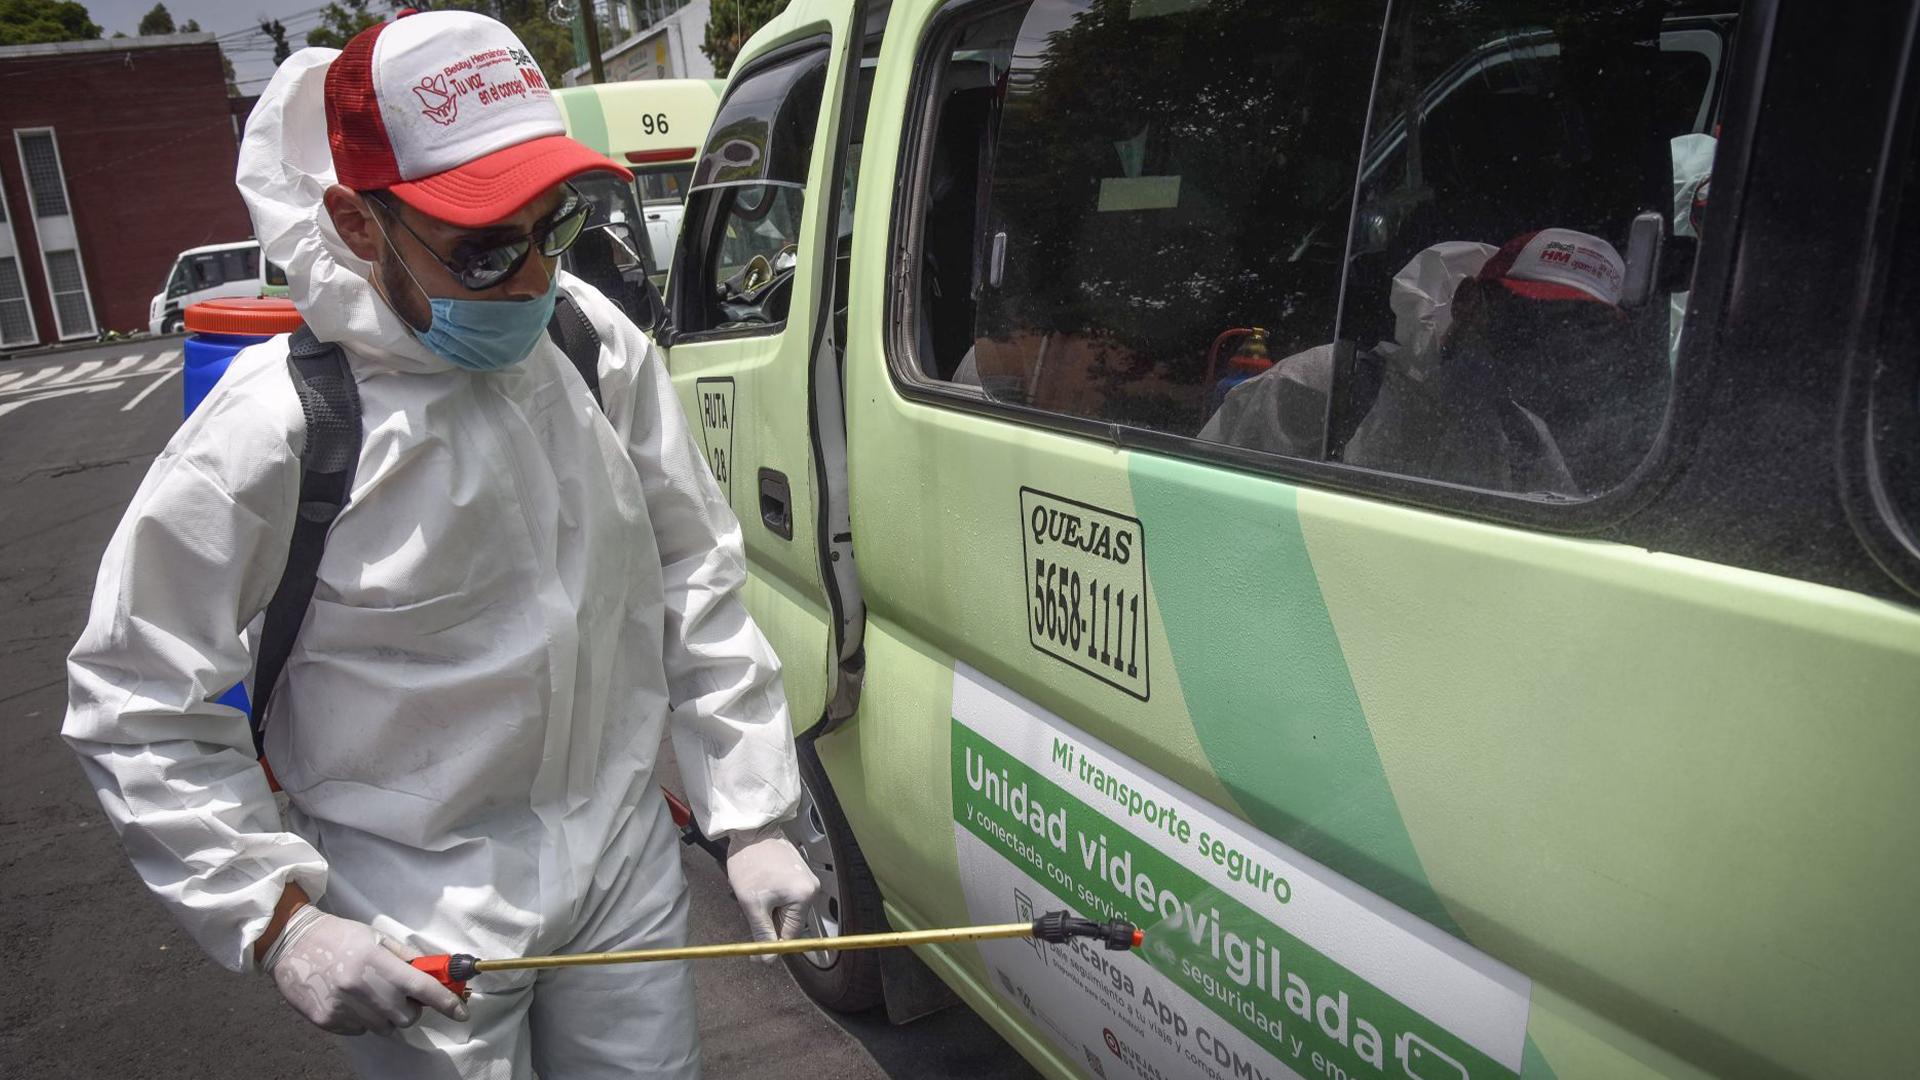 Los trabajadores de la delegación rocían una solución sanitizante para desinfectar espacios y superficies, esto en el marco de la emergencia sanitaria (Foto: Cuartoscuro)